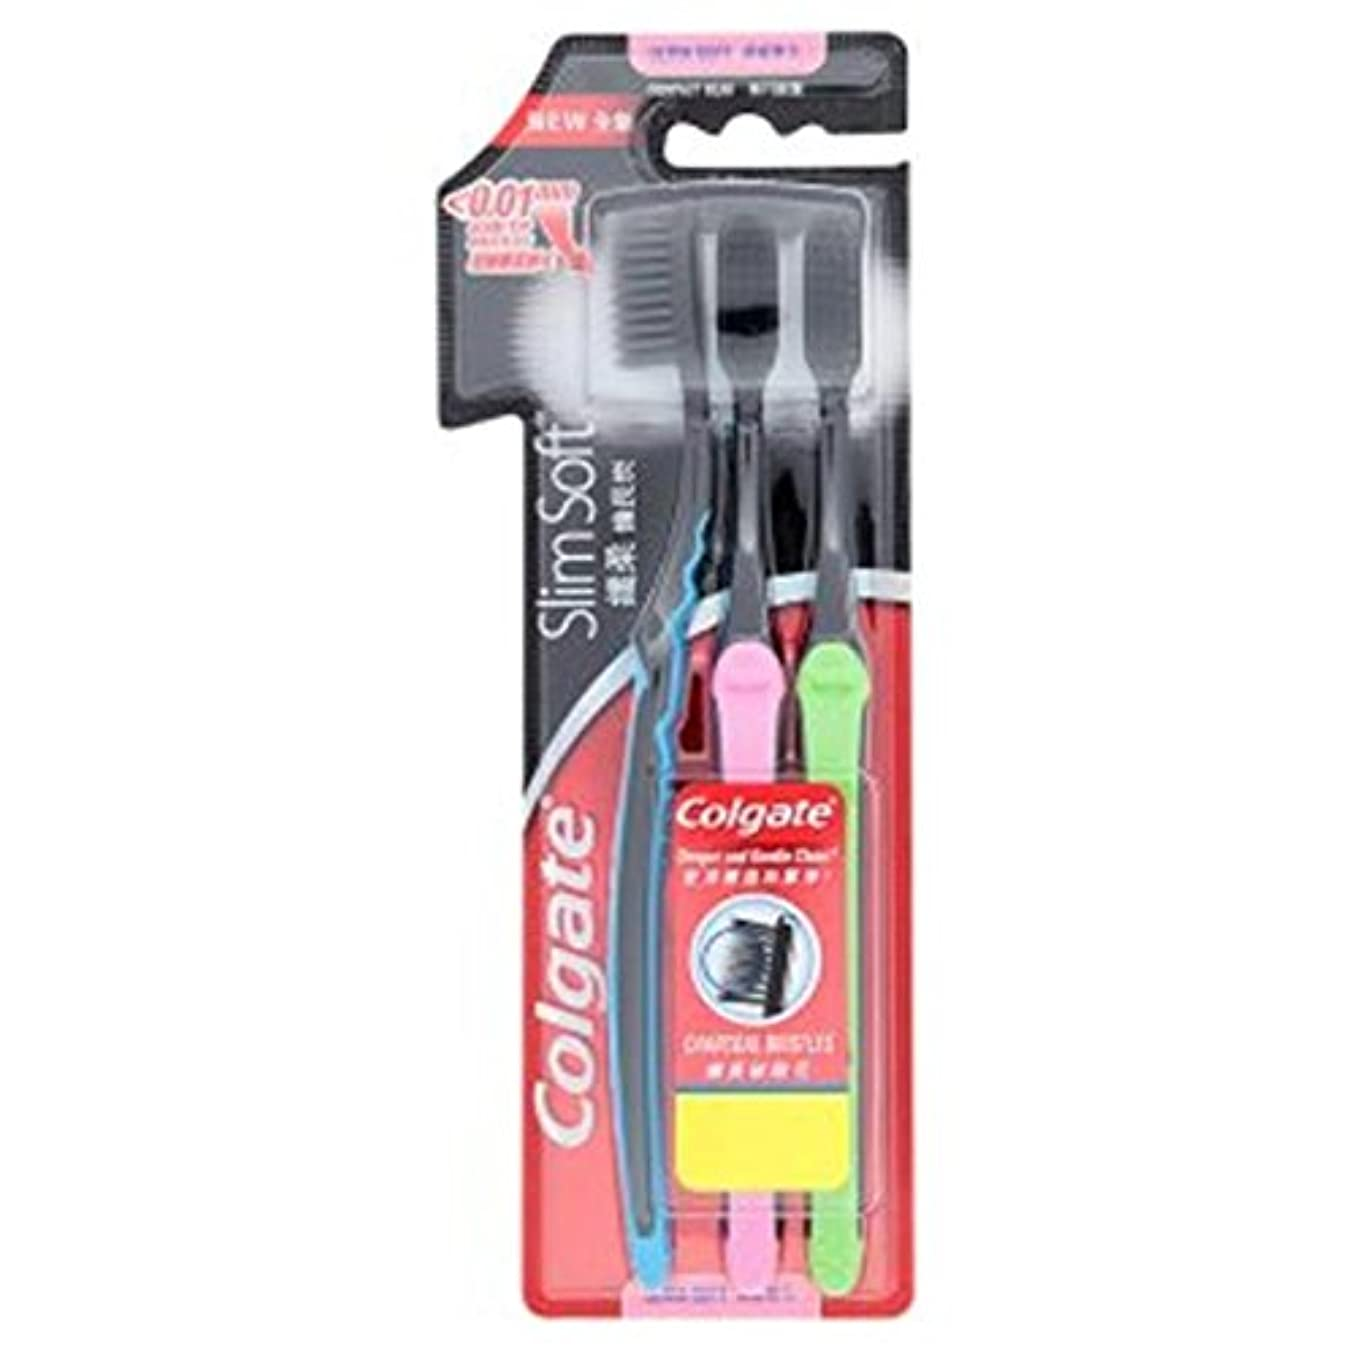 撤退読書検体Colgate Slimsoftコンパクトヘッドウルトラソフトチャコール剛毛歯ブラシ。